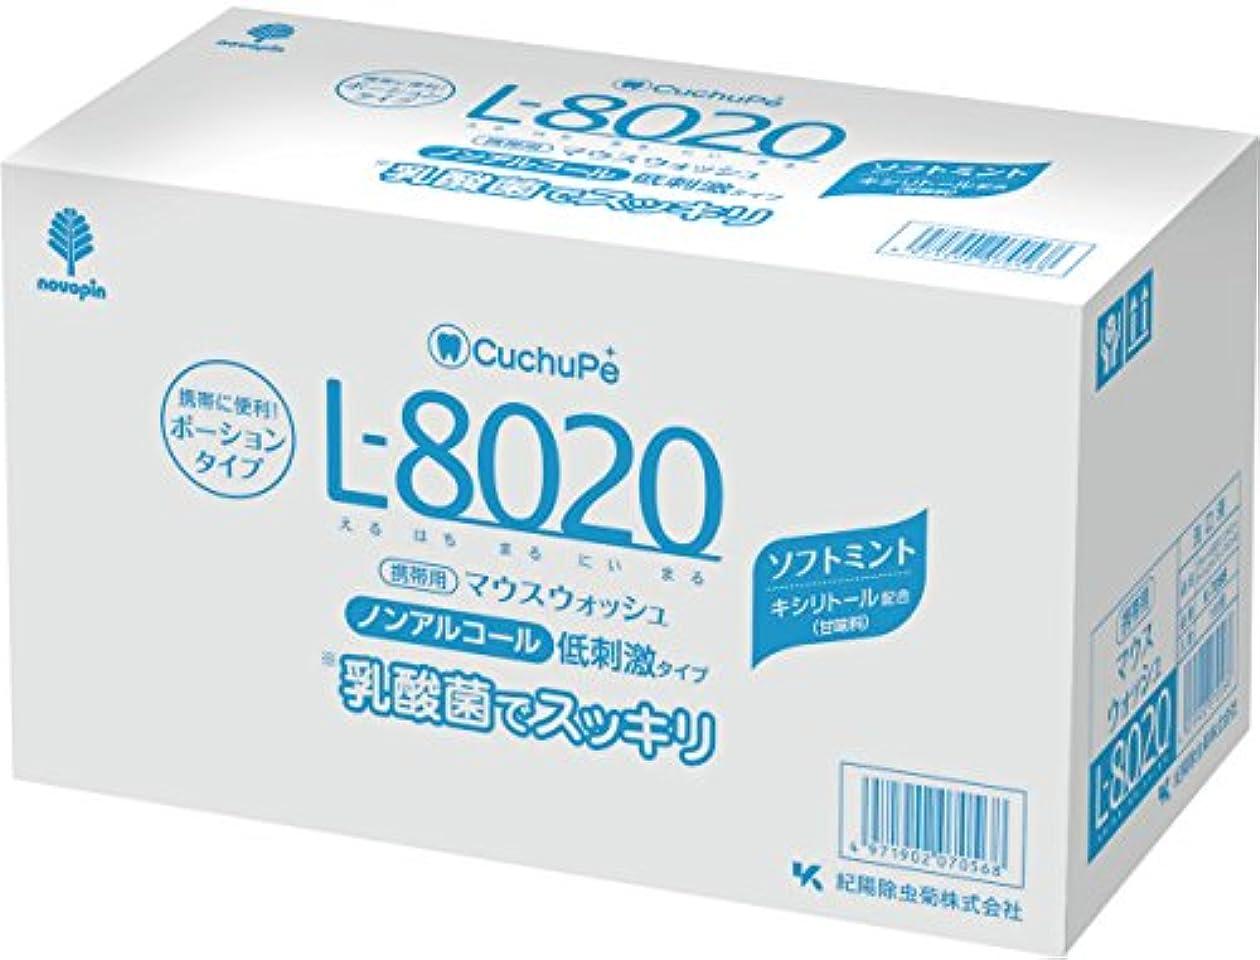 パラダイス枯渇する暗記する紀陽除虫菊 クチュッペ L-8020 マウスウォッシュ ソフトミント ポーションタイプ 100個入 ノンアルコールタイプ 12mL×100個入